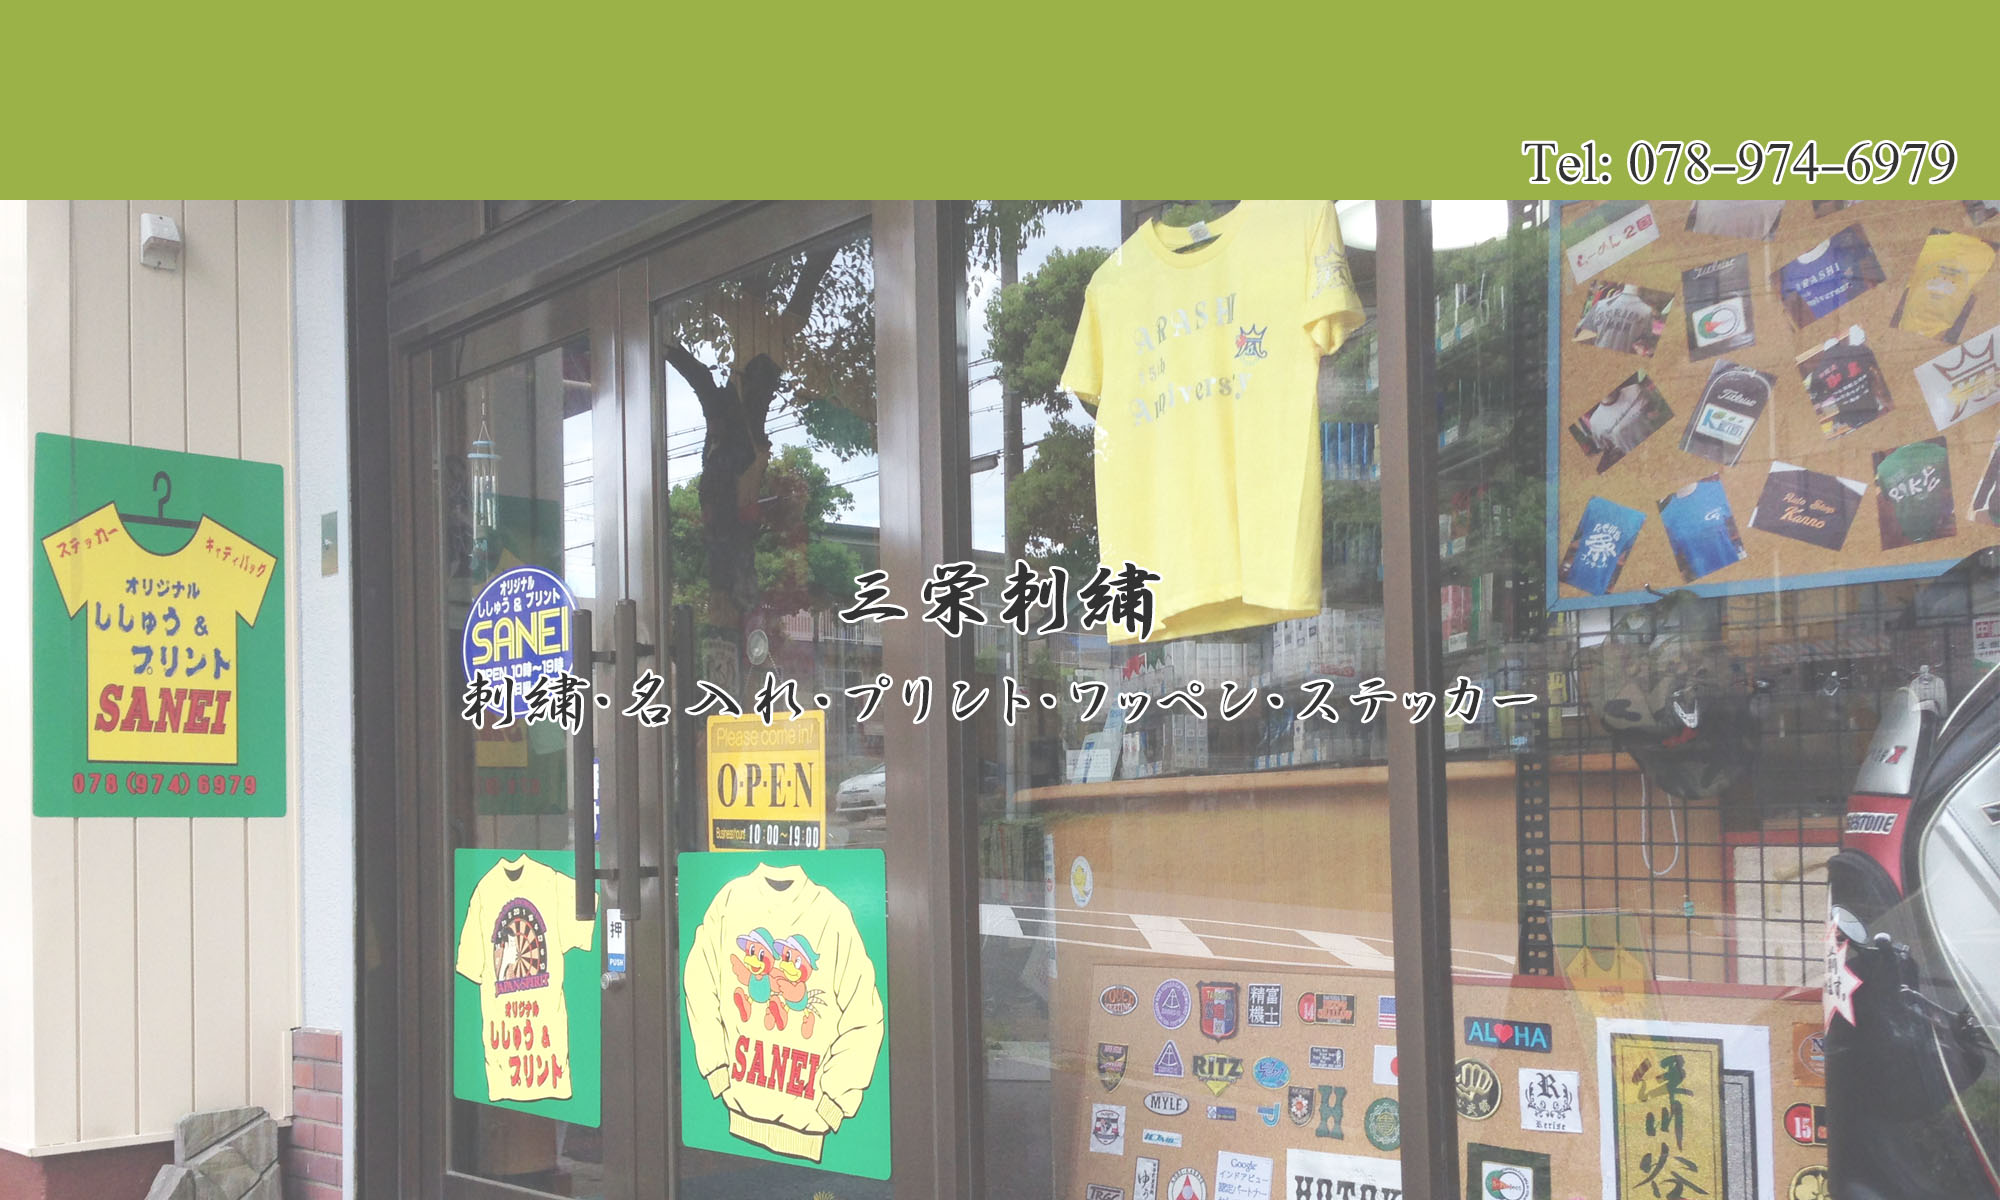 三栄刺繍 | 神戸・明石の老舗刺繍屋といえば三栄